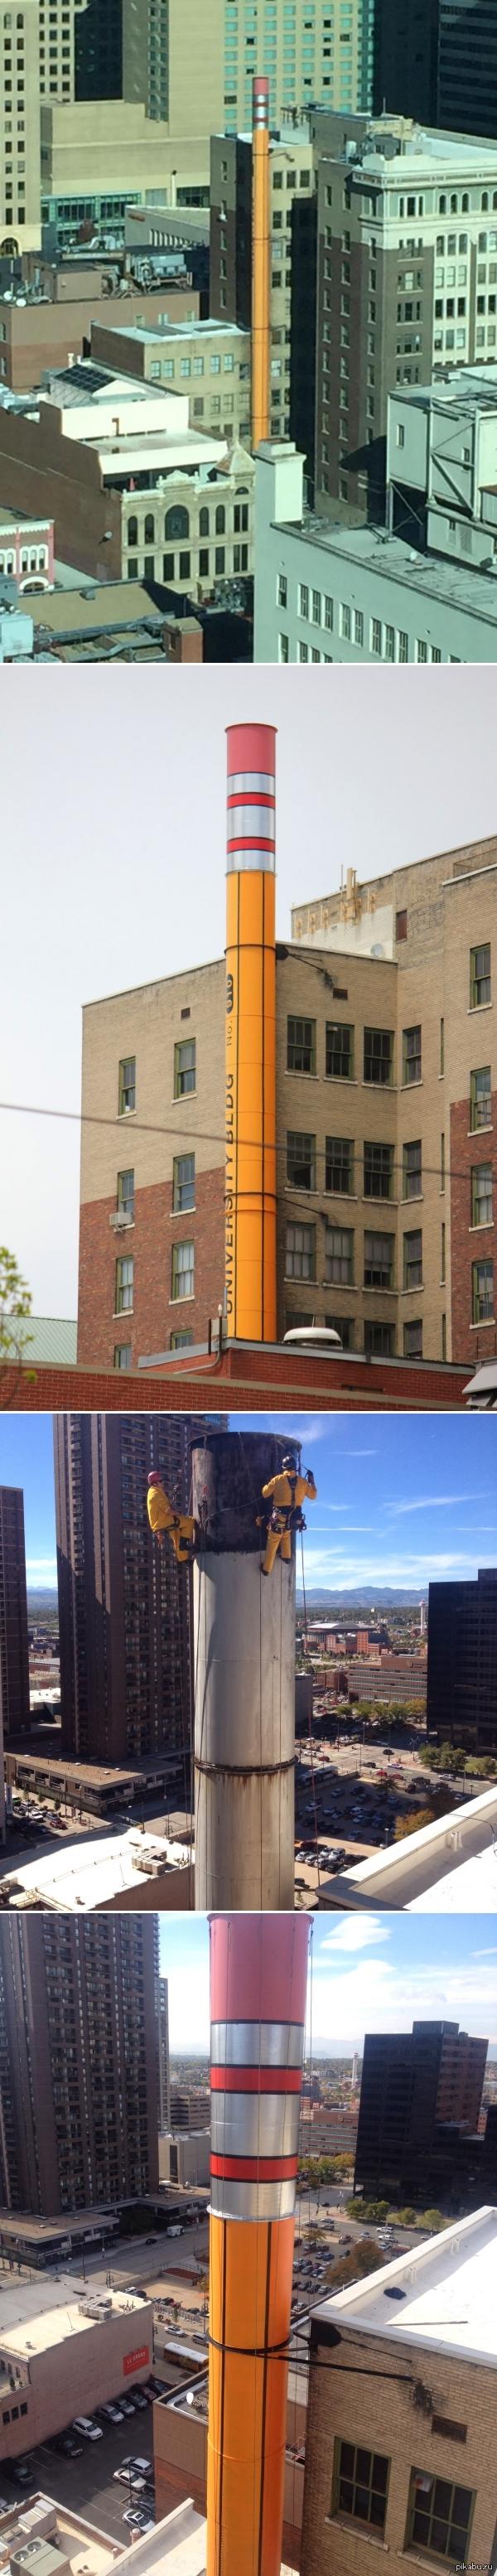 Дымовая труба оформленная как гигантский карандаш Денвер, Колорадо